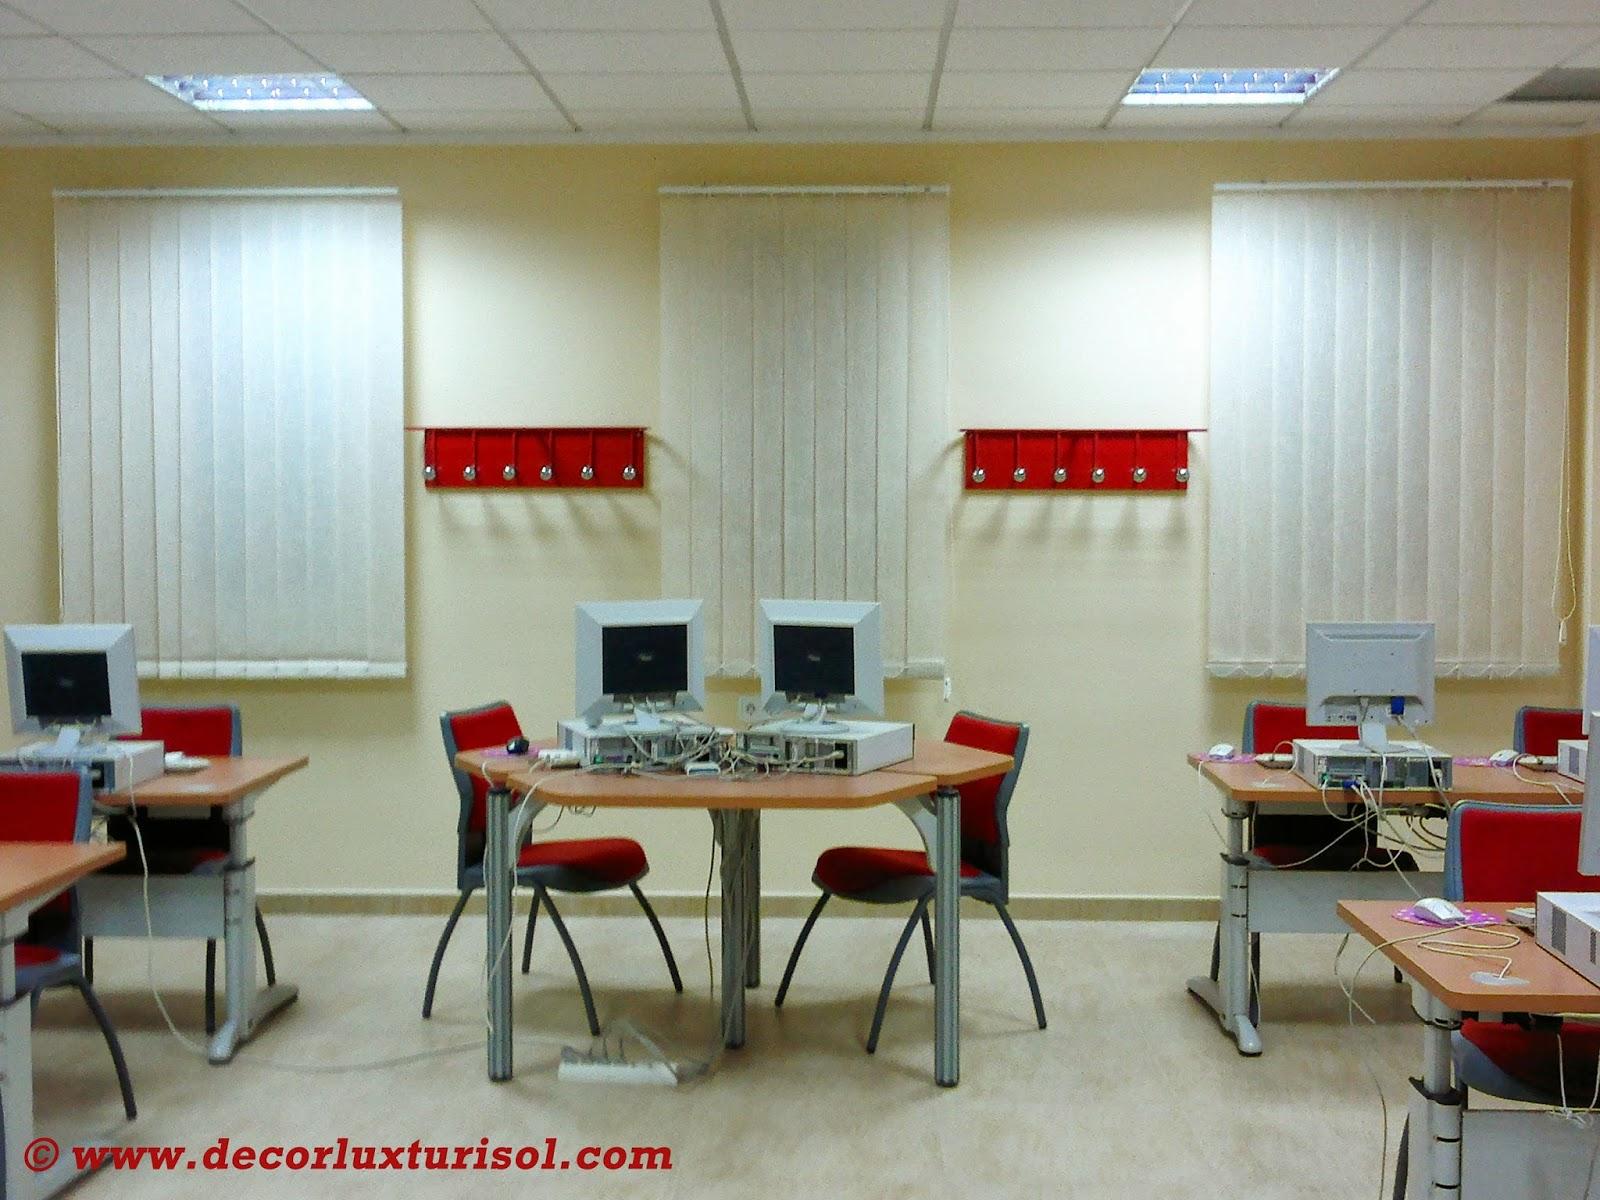 Decoracion interior cortinas verticales estores for Estores para oficinas